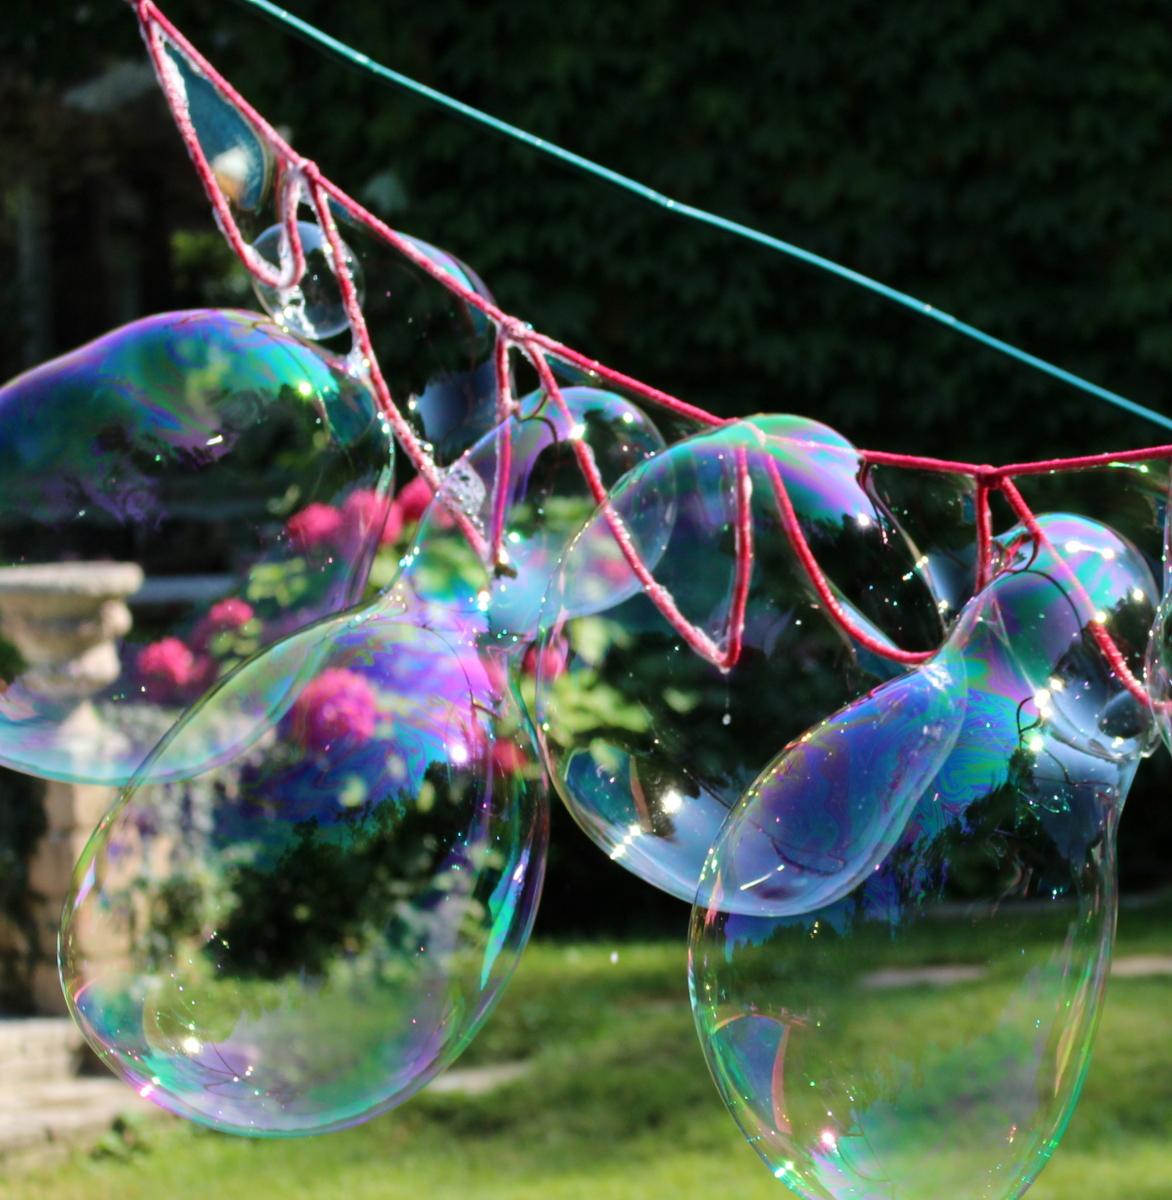 Riesenseifenblasen an einer Schnur